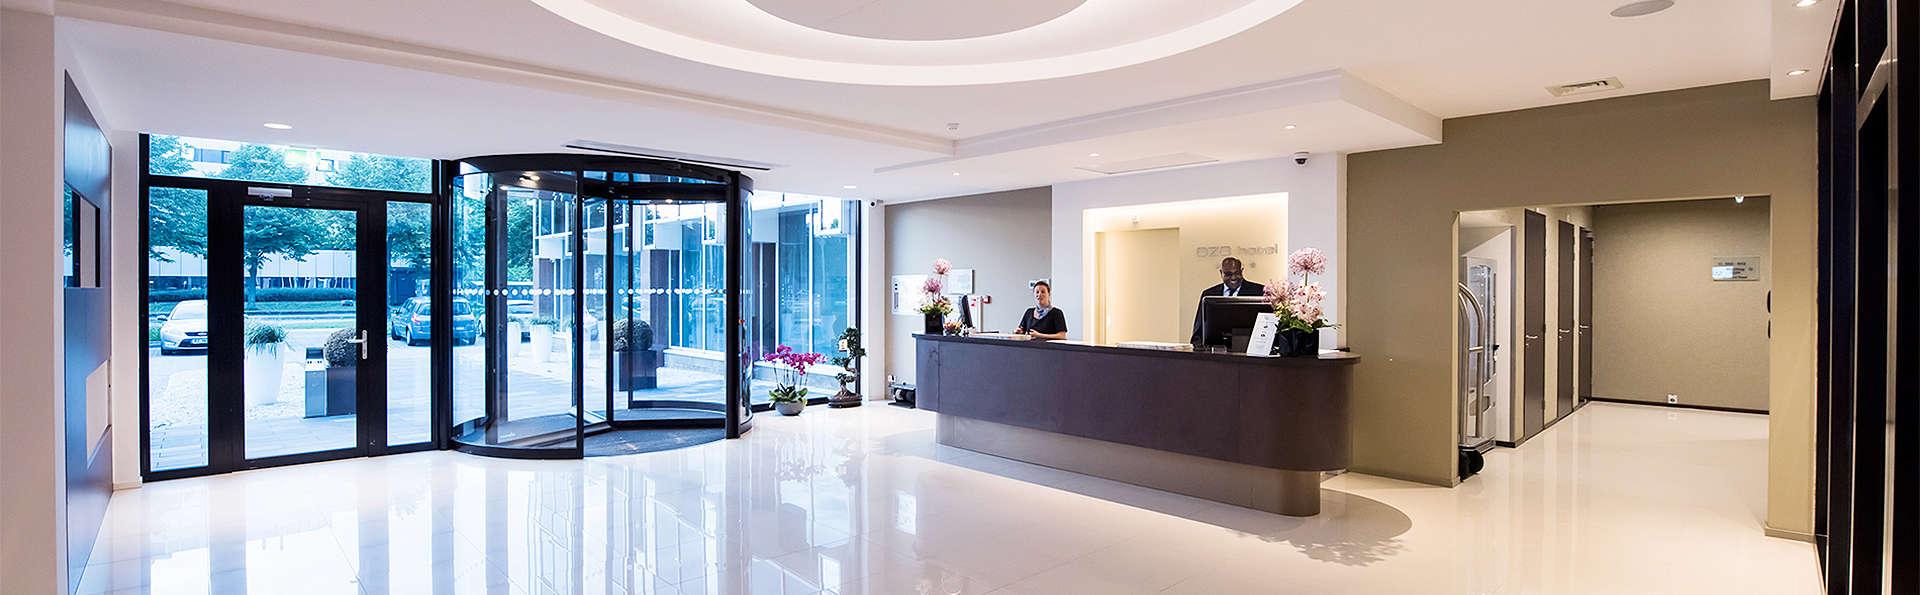 Week-end dans un hôtel de luxe avec parking gratuit à Amsterdam